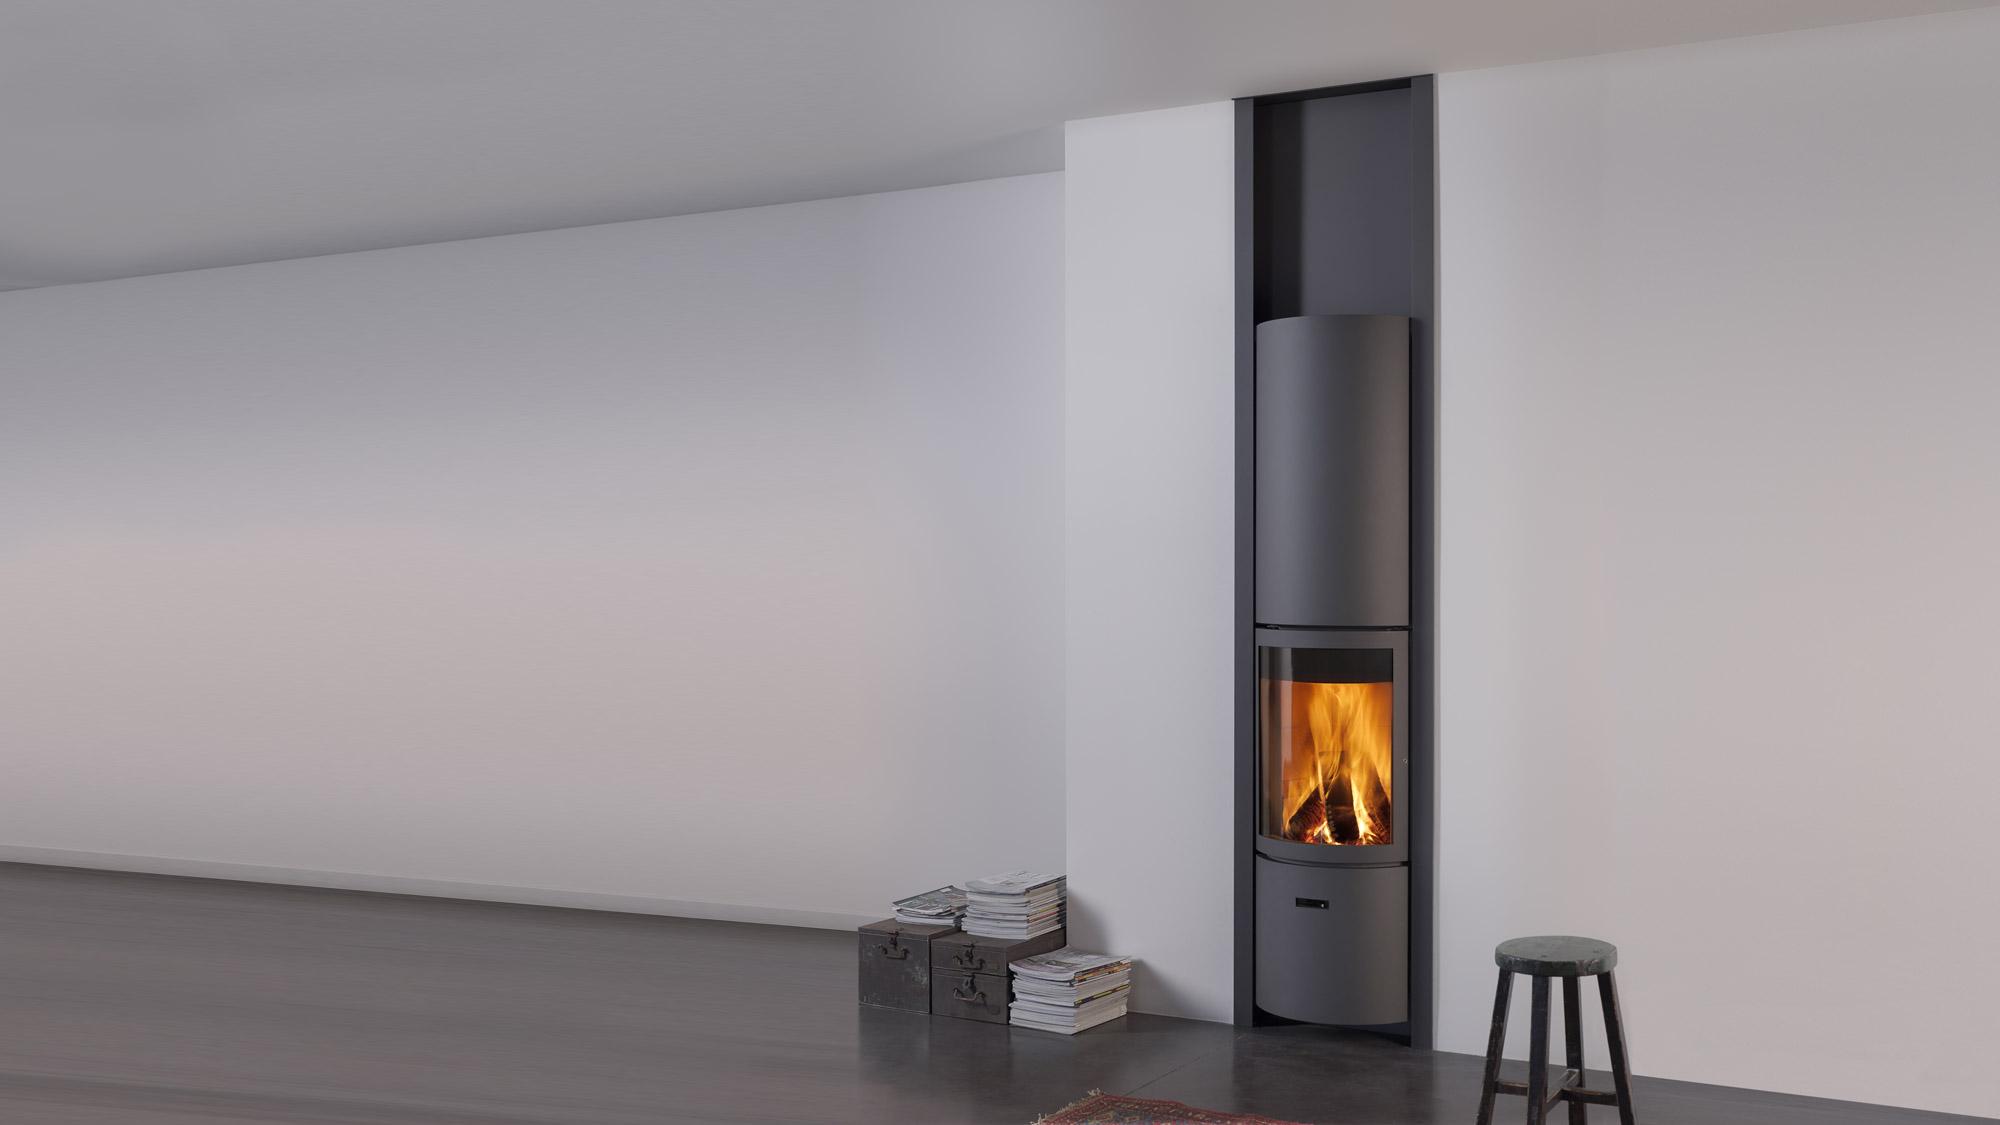 caminetto monoblocco a legna stuv 30in st v. Black Bedroom Furniture Sets. Home Design Ideas